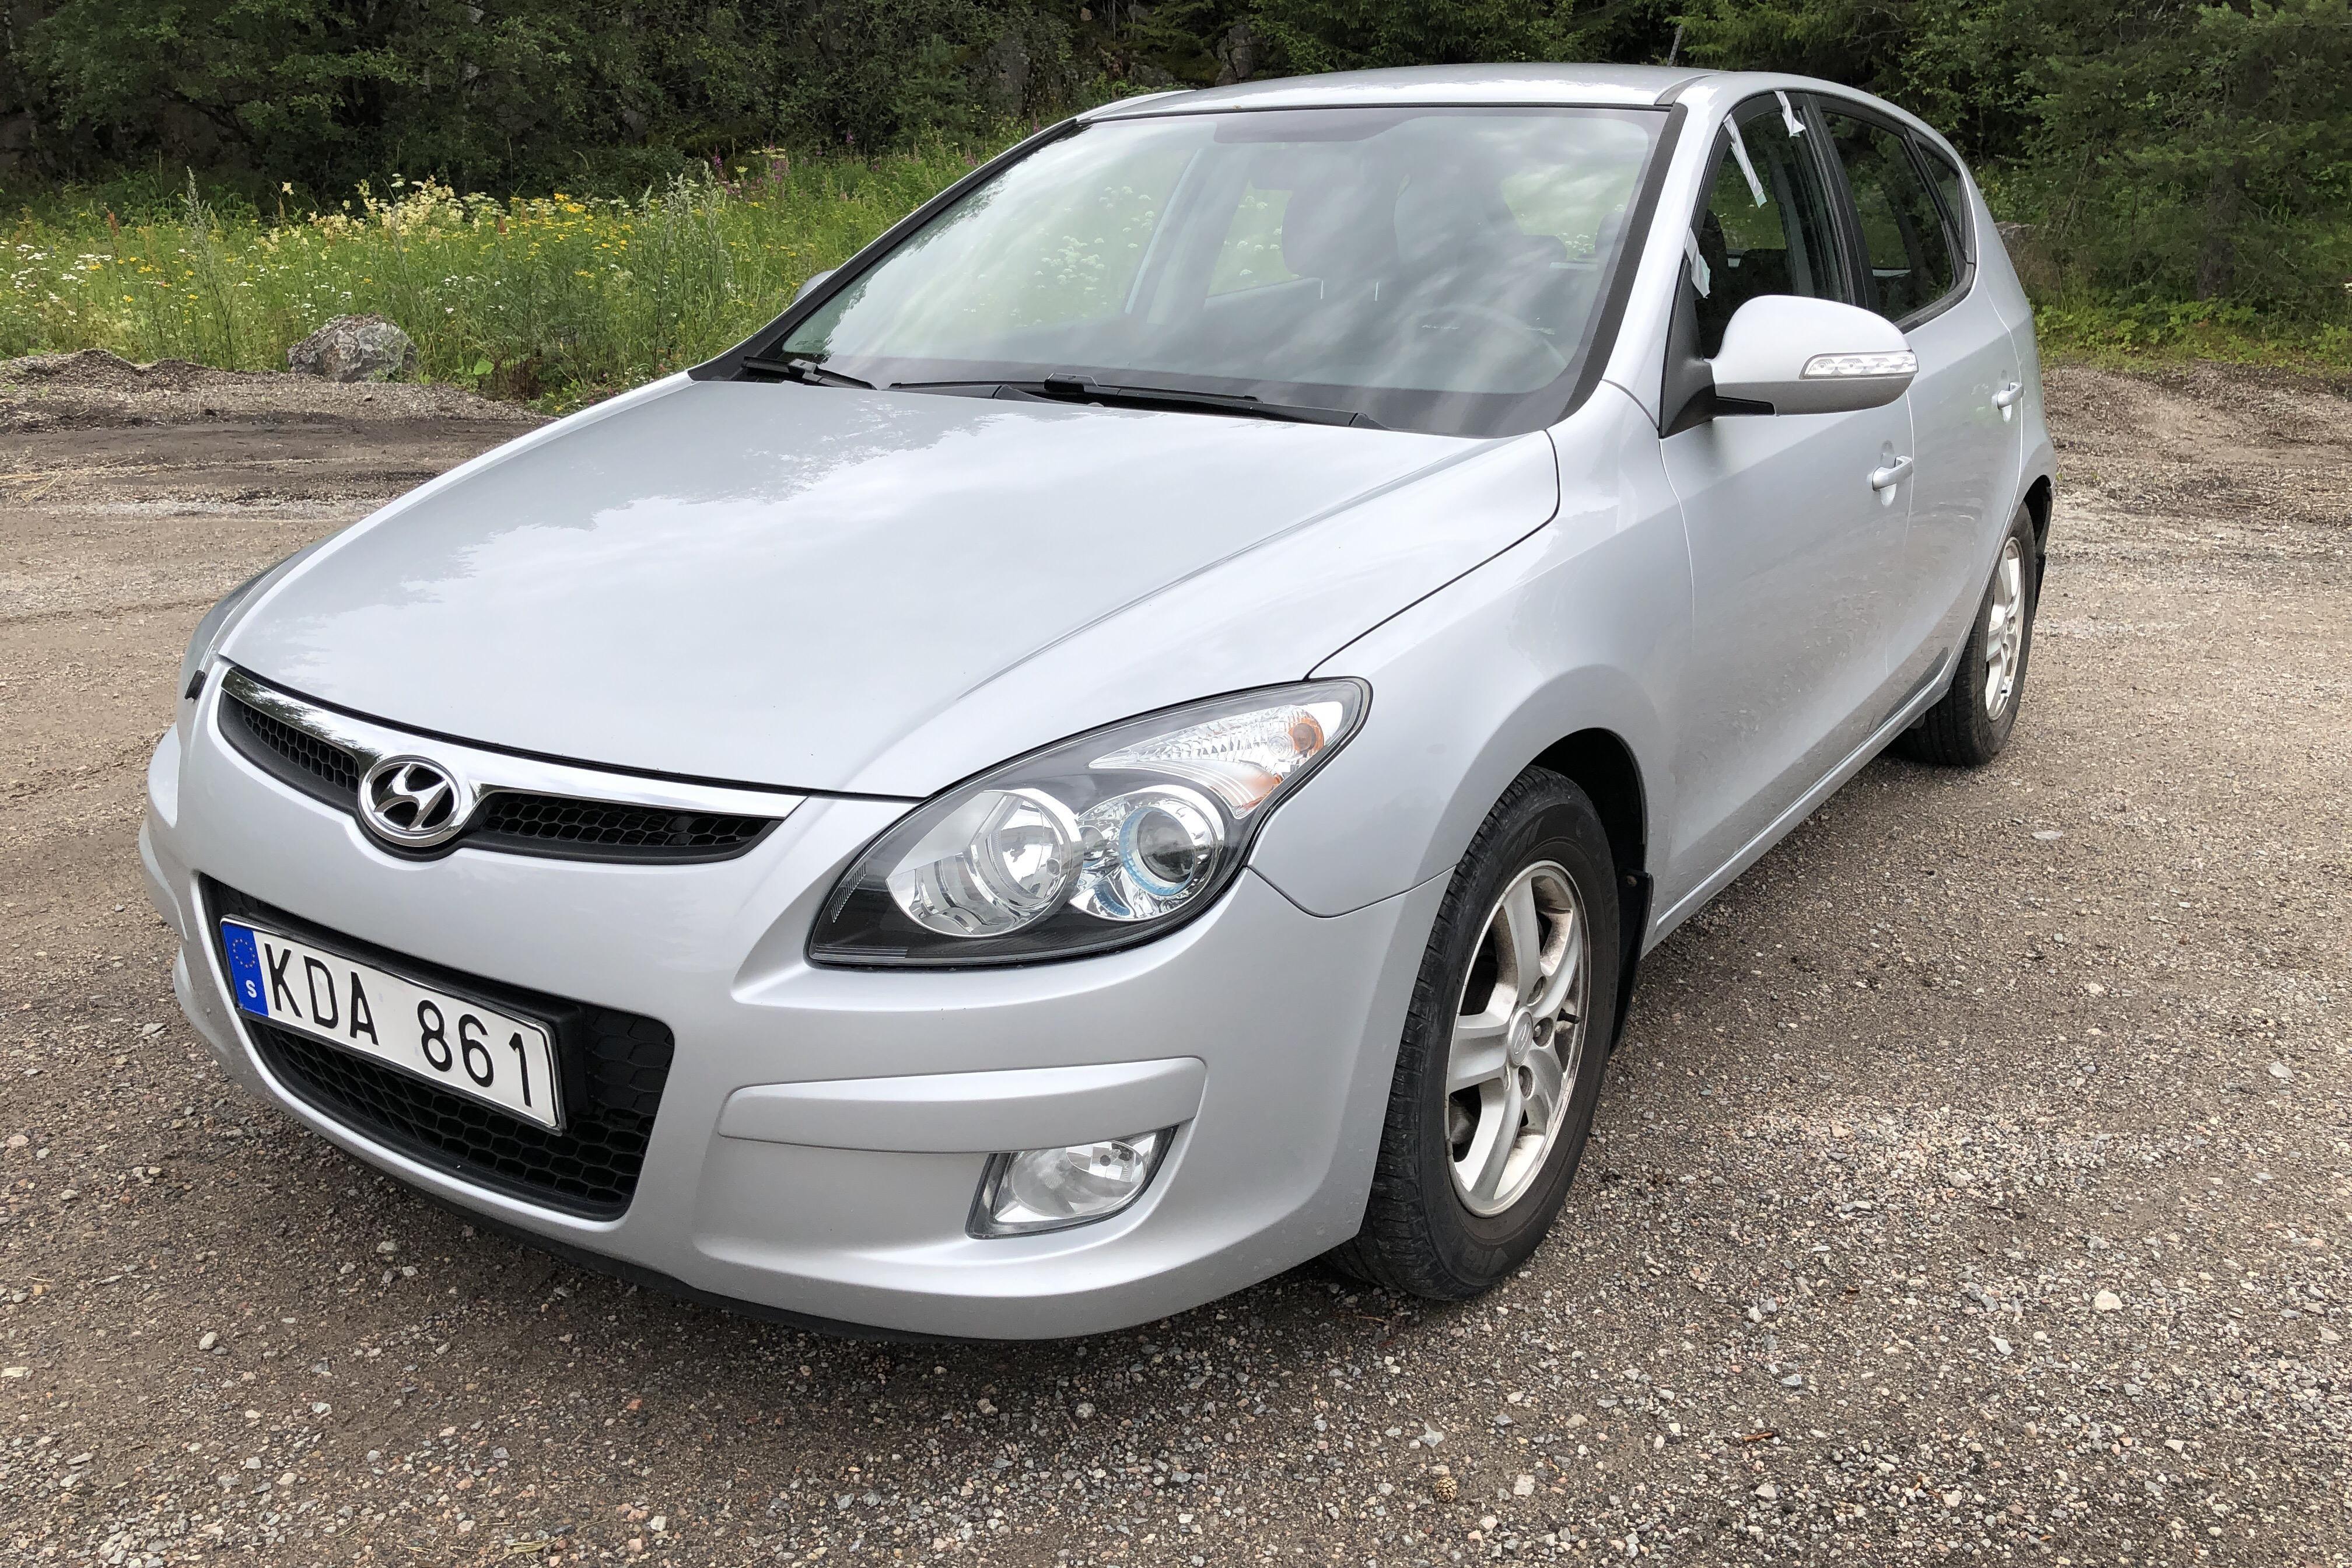 Hyundai i30 1.6 CRDi 5Dr (115HK)